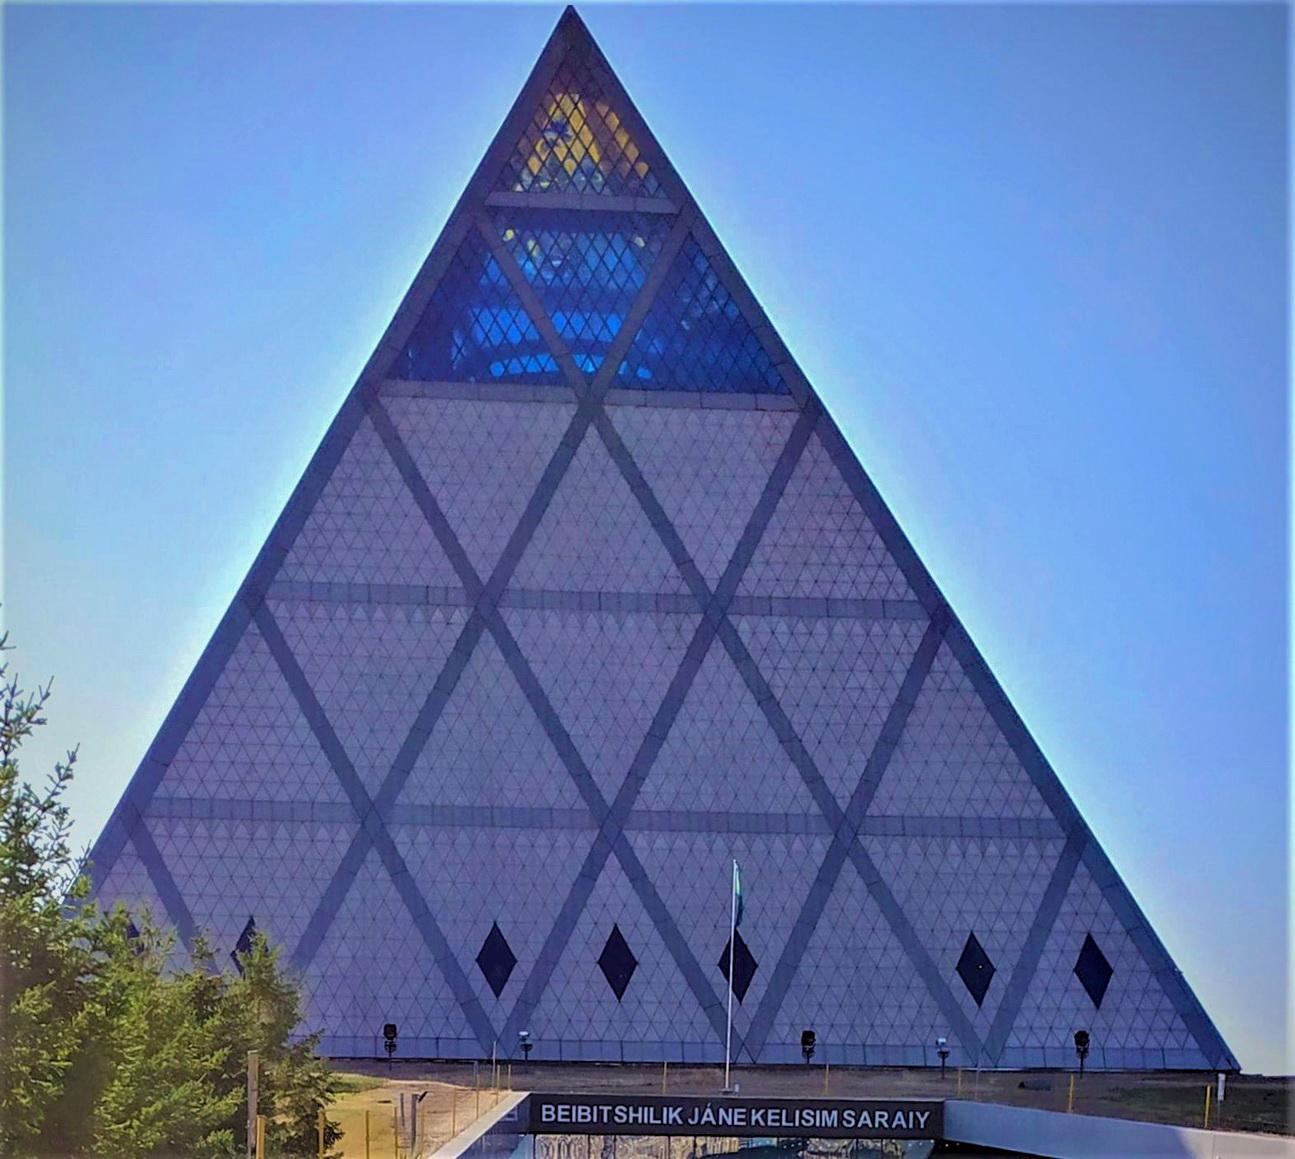 Пирамидальный по форме Дворец мира и согласия был создан архитектором сэром Норманом Фостером специально для Конгресса лидеров различных религий в 2006 году.